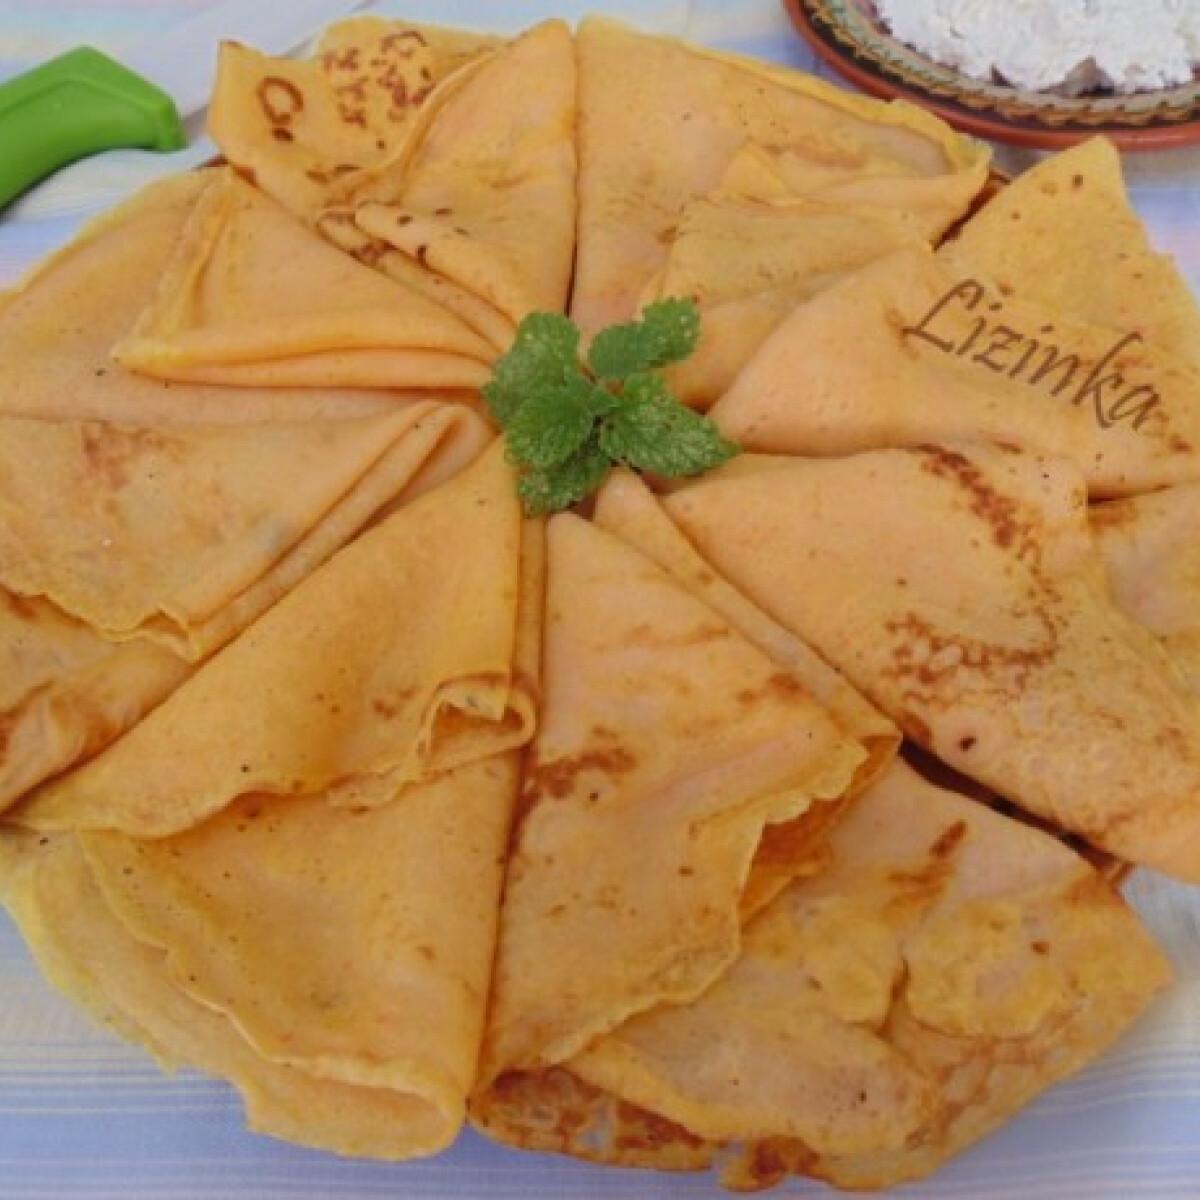 Ezen a képen: Sütőtökös palacsinta Lizinka konyhájából